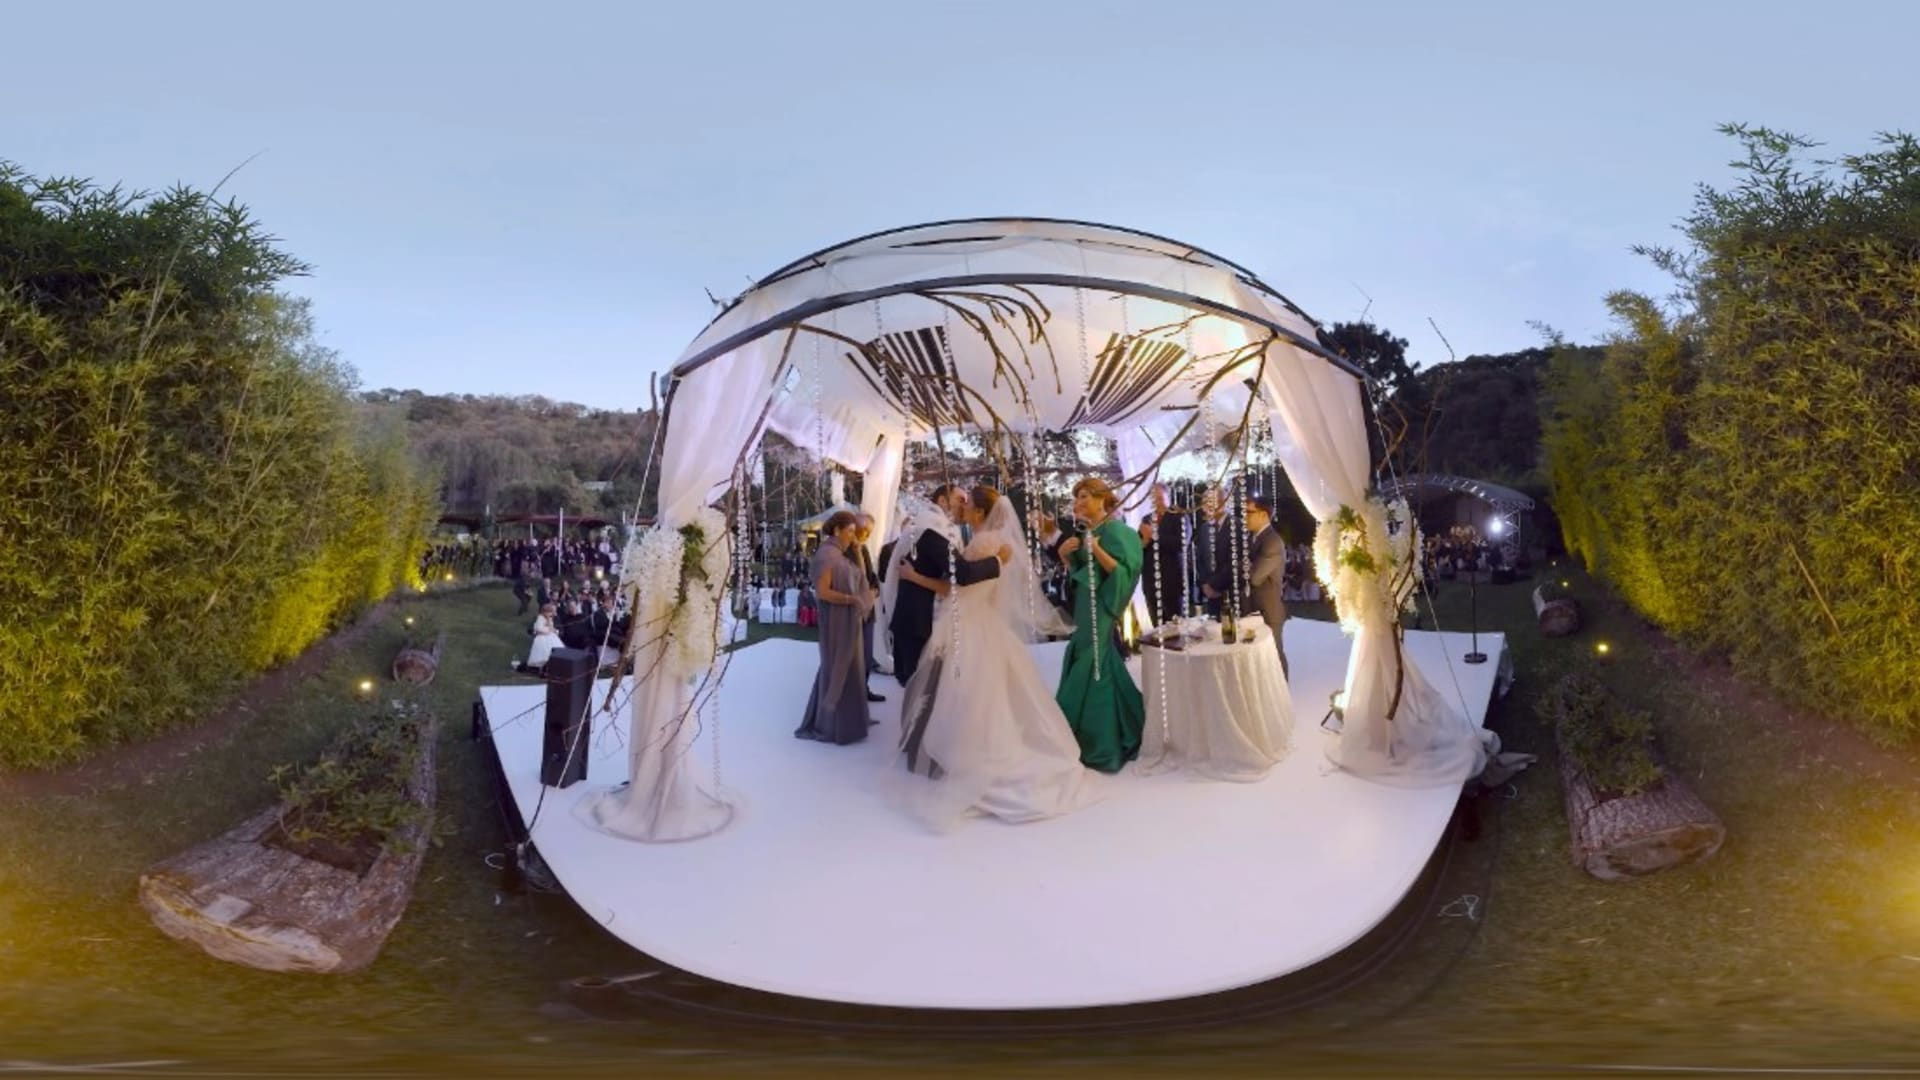 إليكم زفافاً بتقنية الواقع الافتراضي.. ليدوم إلى الأبد!